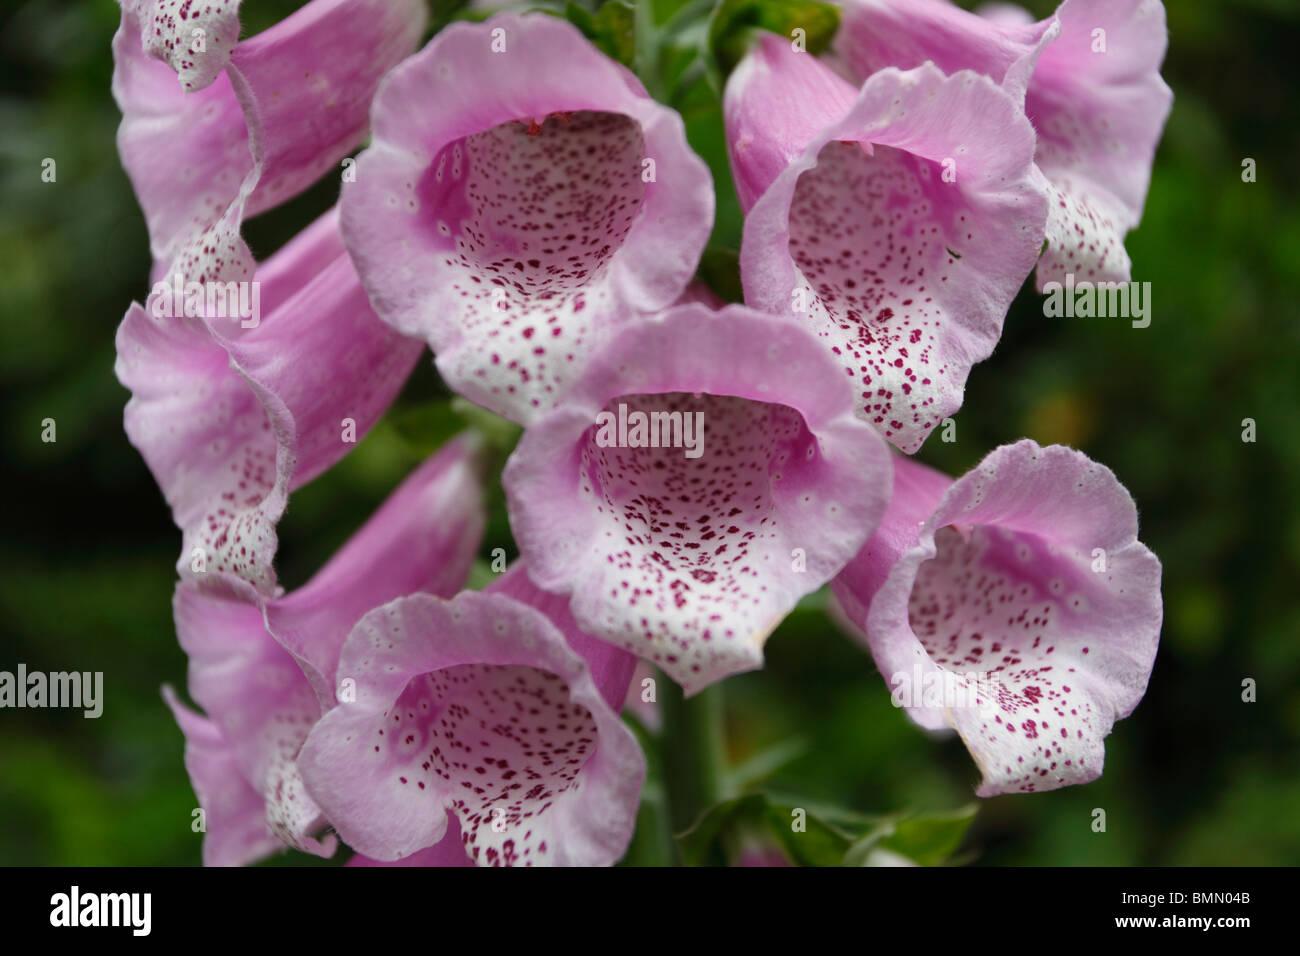 Foxglove (Digitalis purpureum) close up of flower - Stock Image